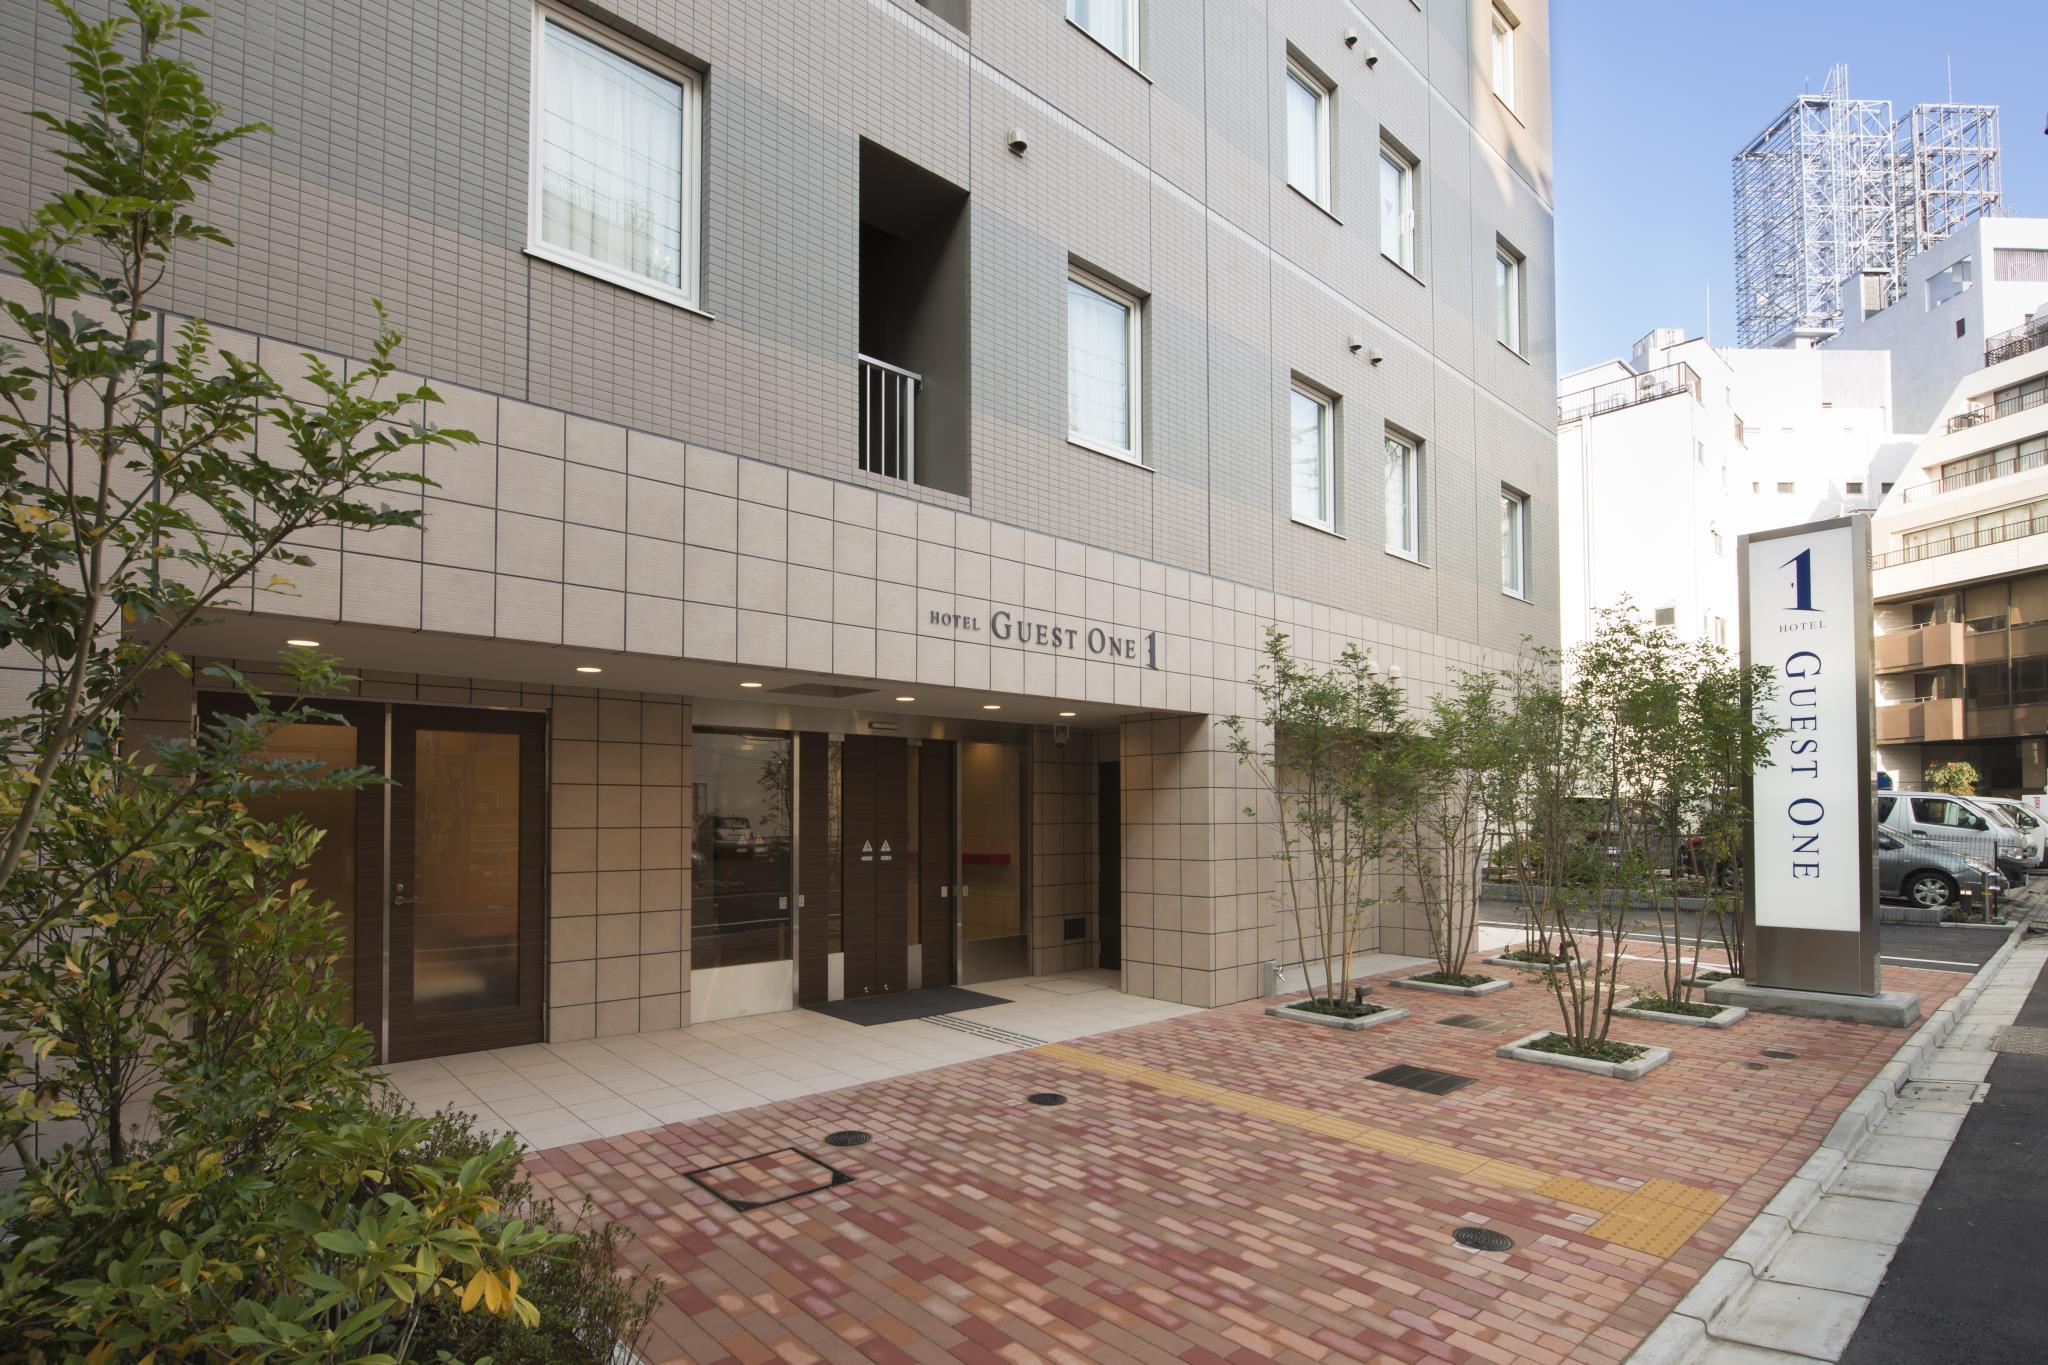 1號住客酒店 - 上野站 Hotel Guest 1 ueno station